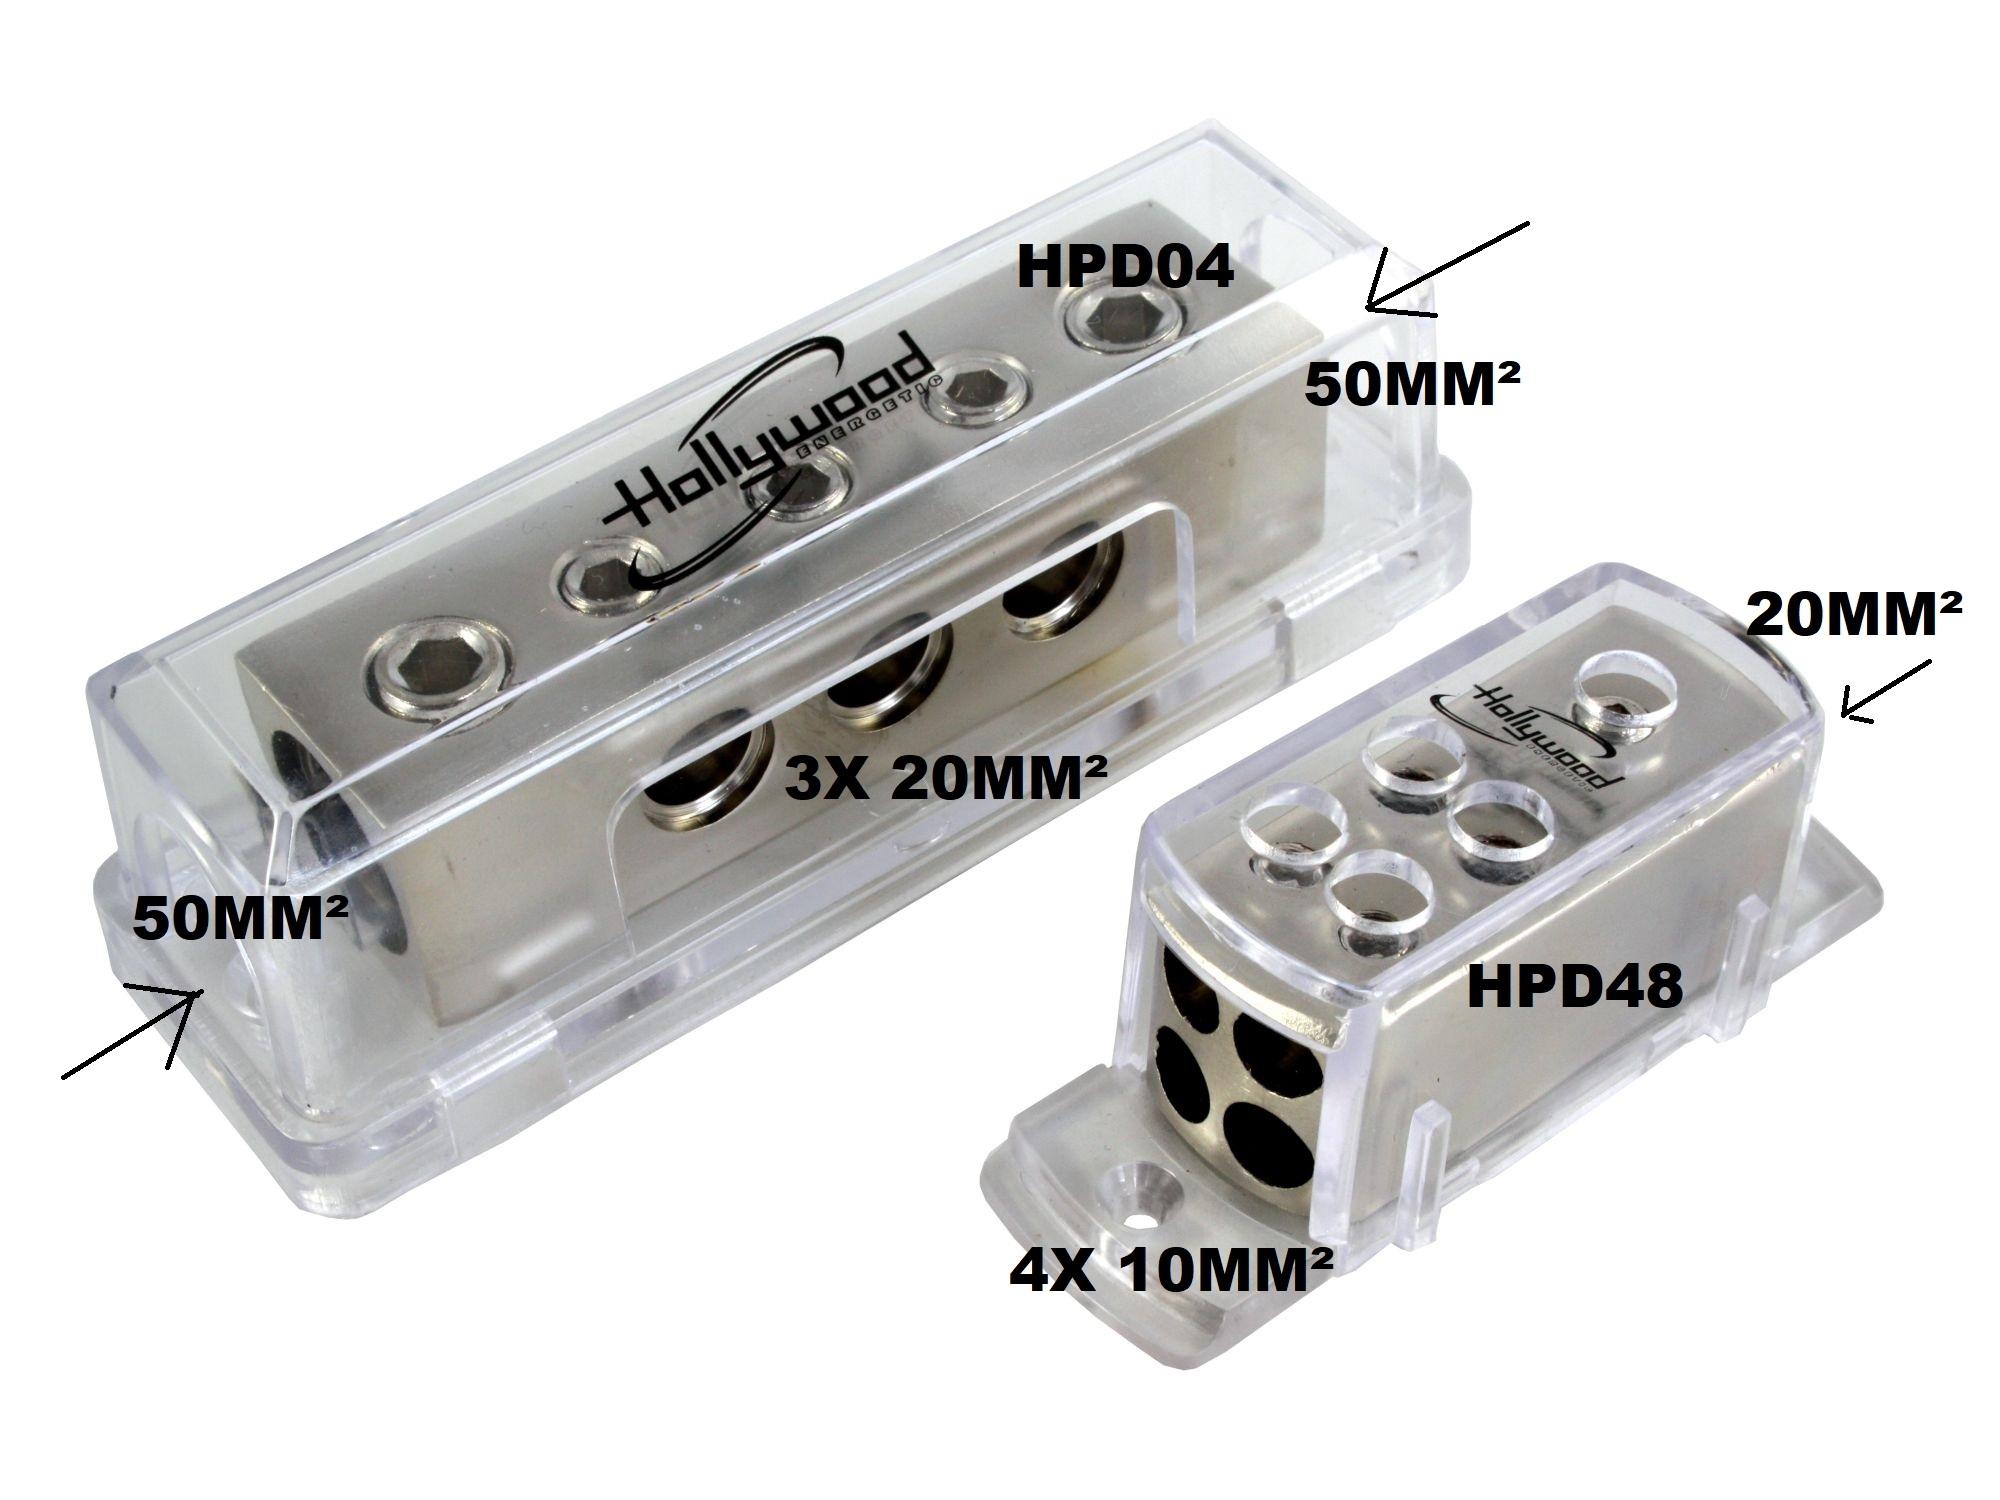 HPD04 verdeel blok